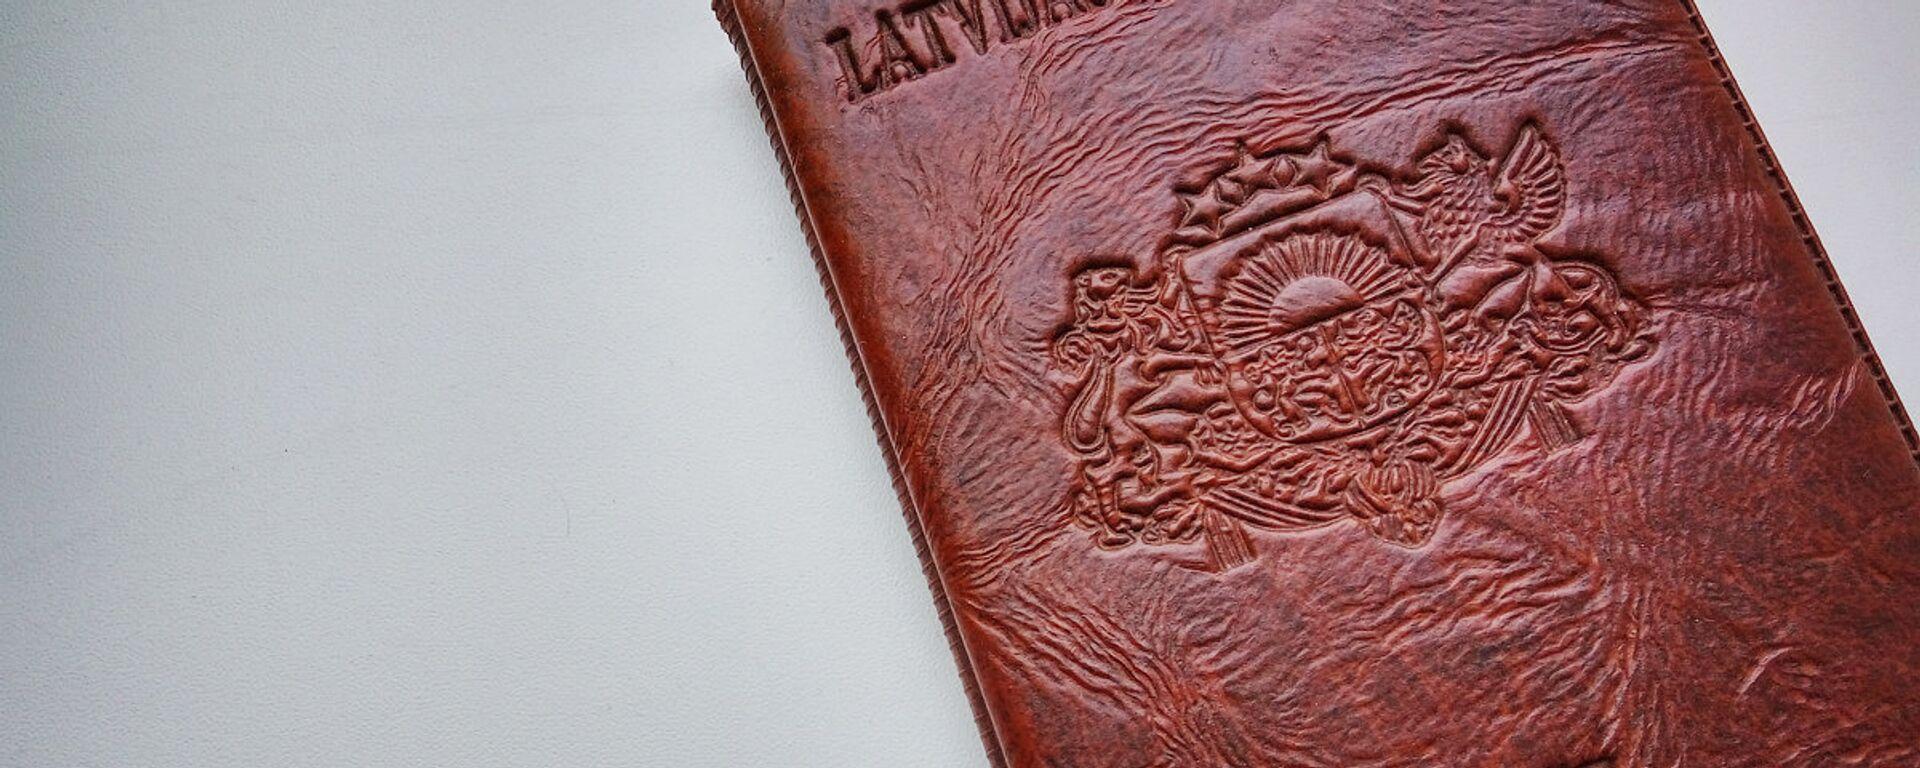 Паспорт гражданина Латвии - Sputnik Латвия, 1920, 16.05.2021